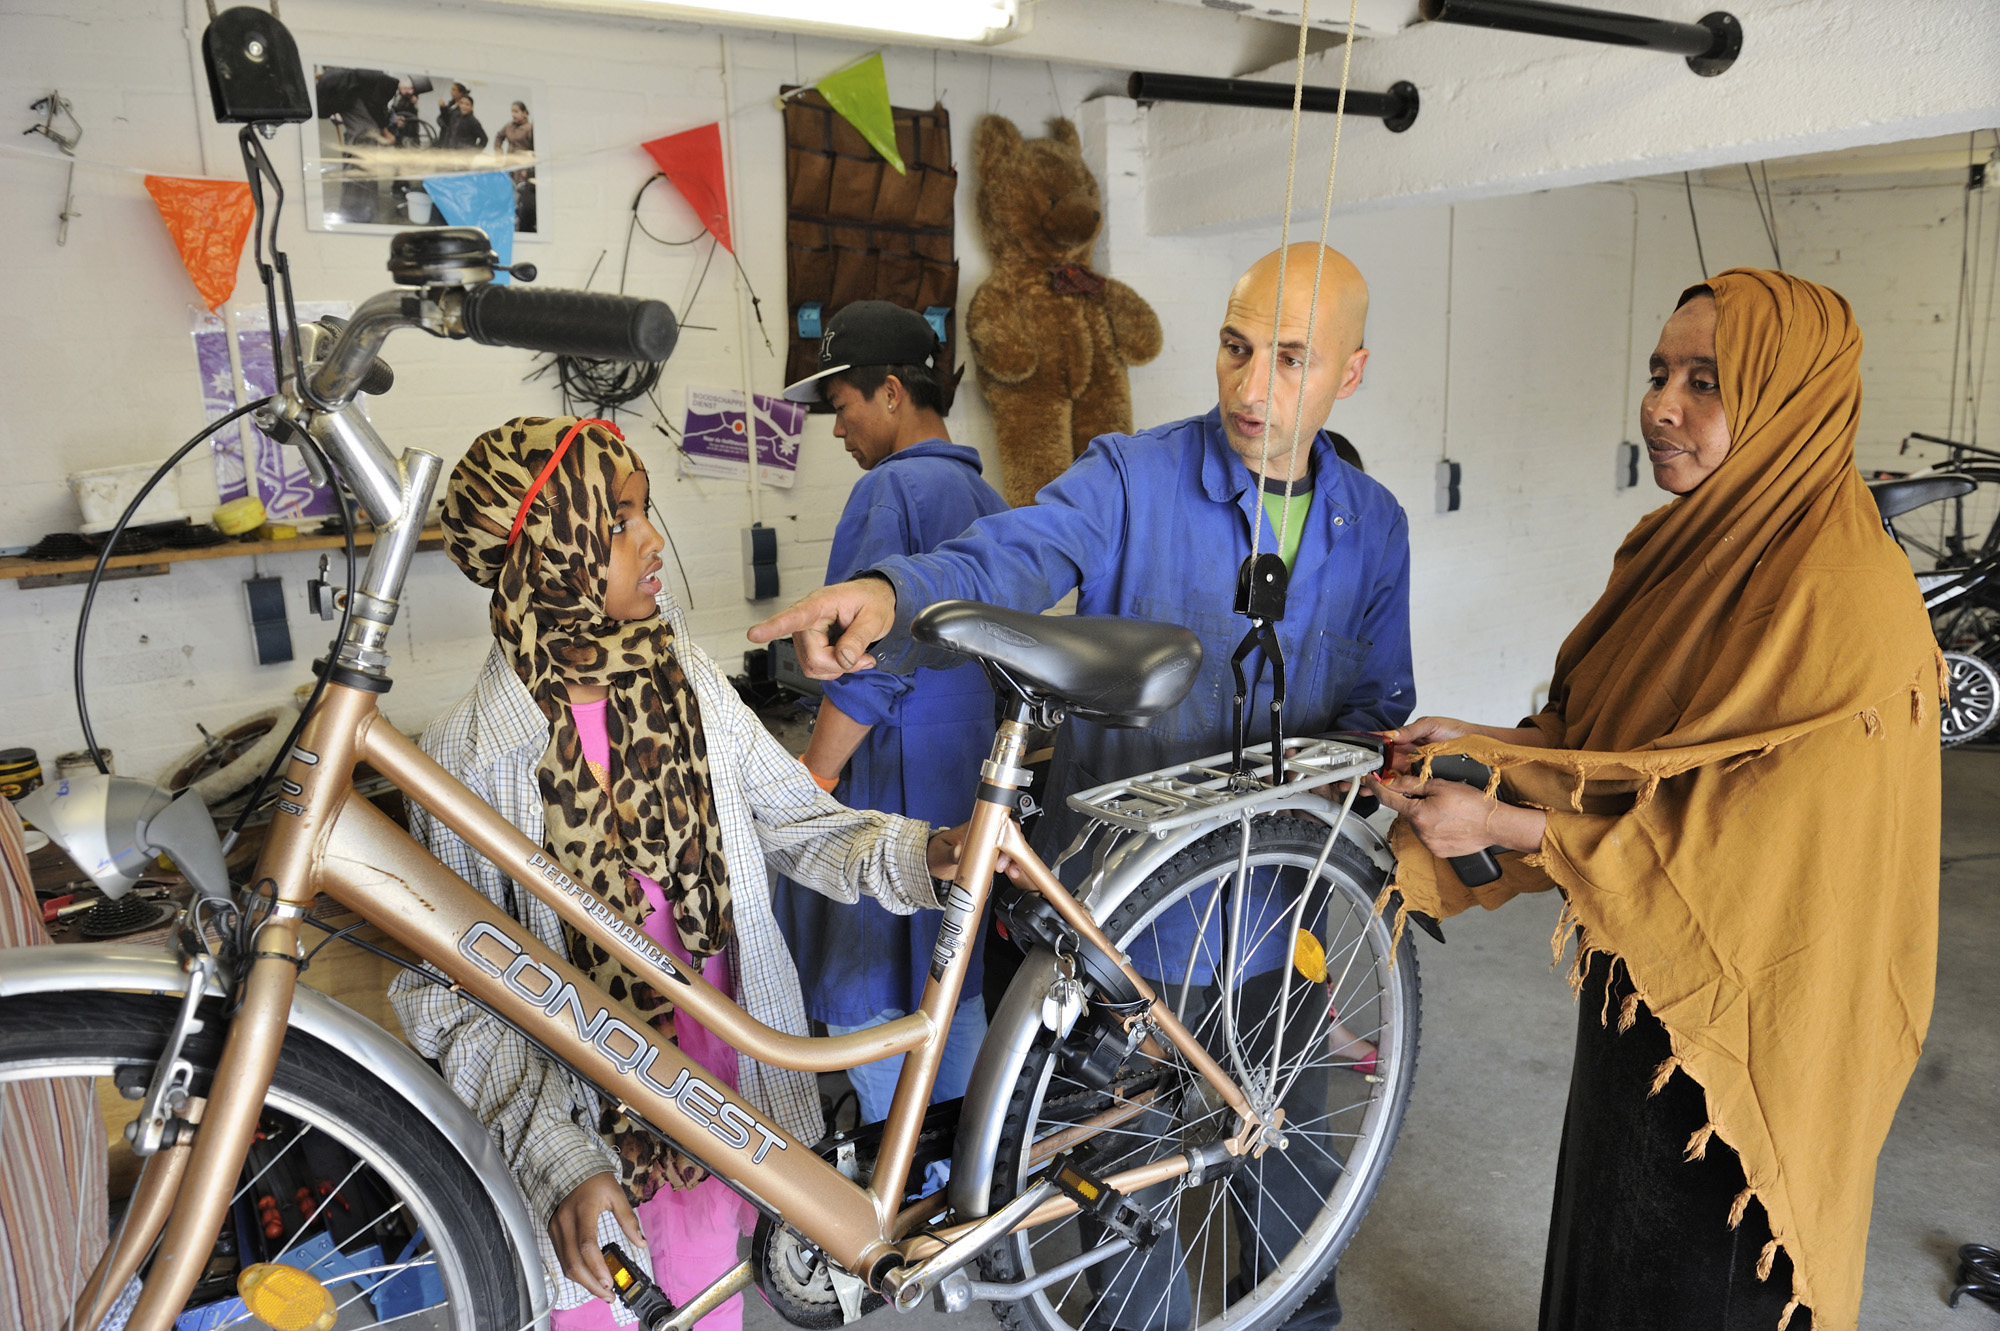 De fietswerkplaats van coöperatie Copernikkel in Den Bosch